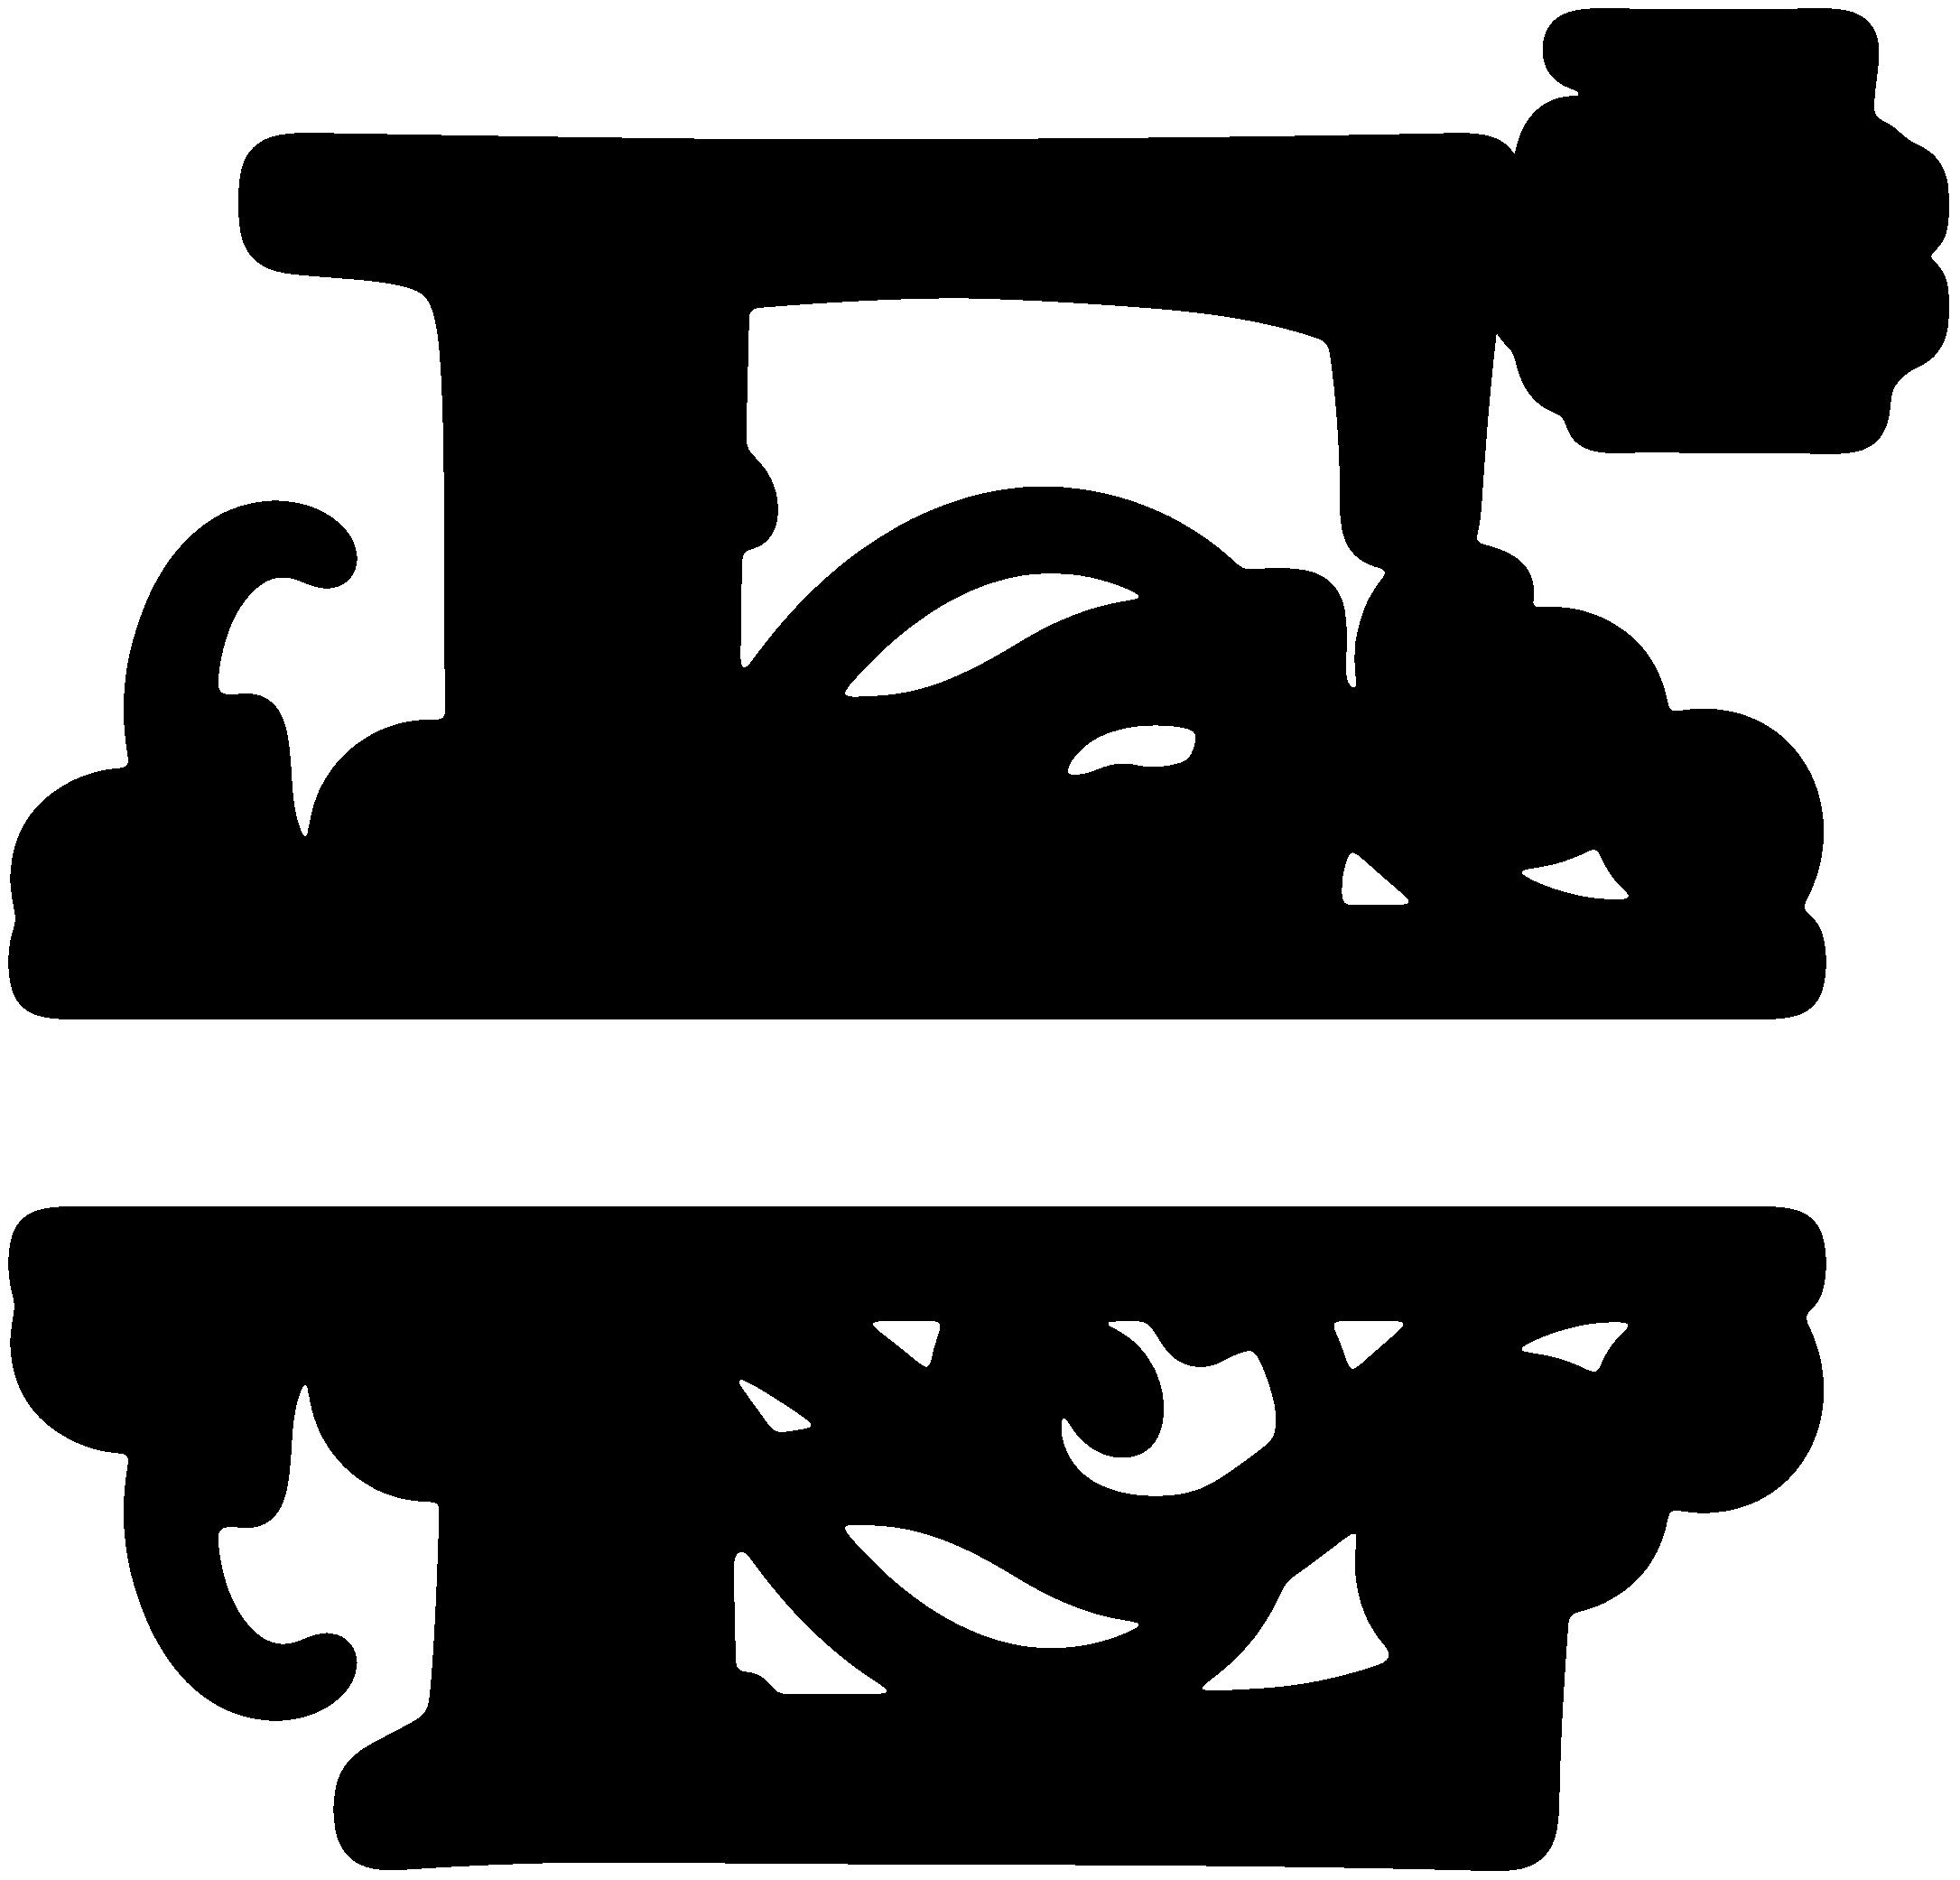 E clipart letter e. Split monogram sds svgattic